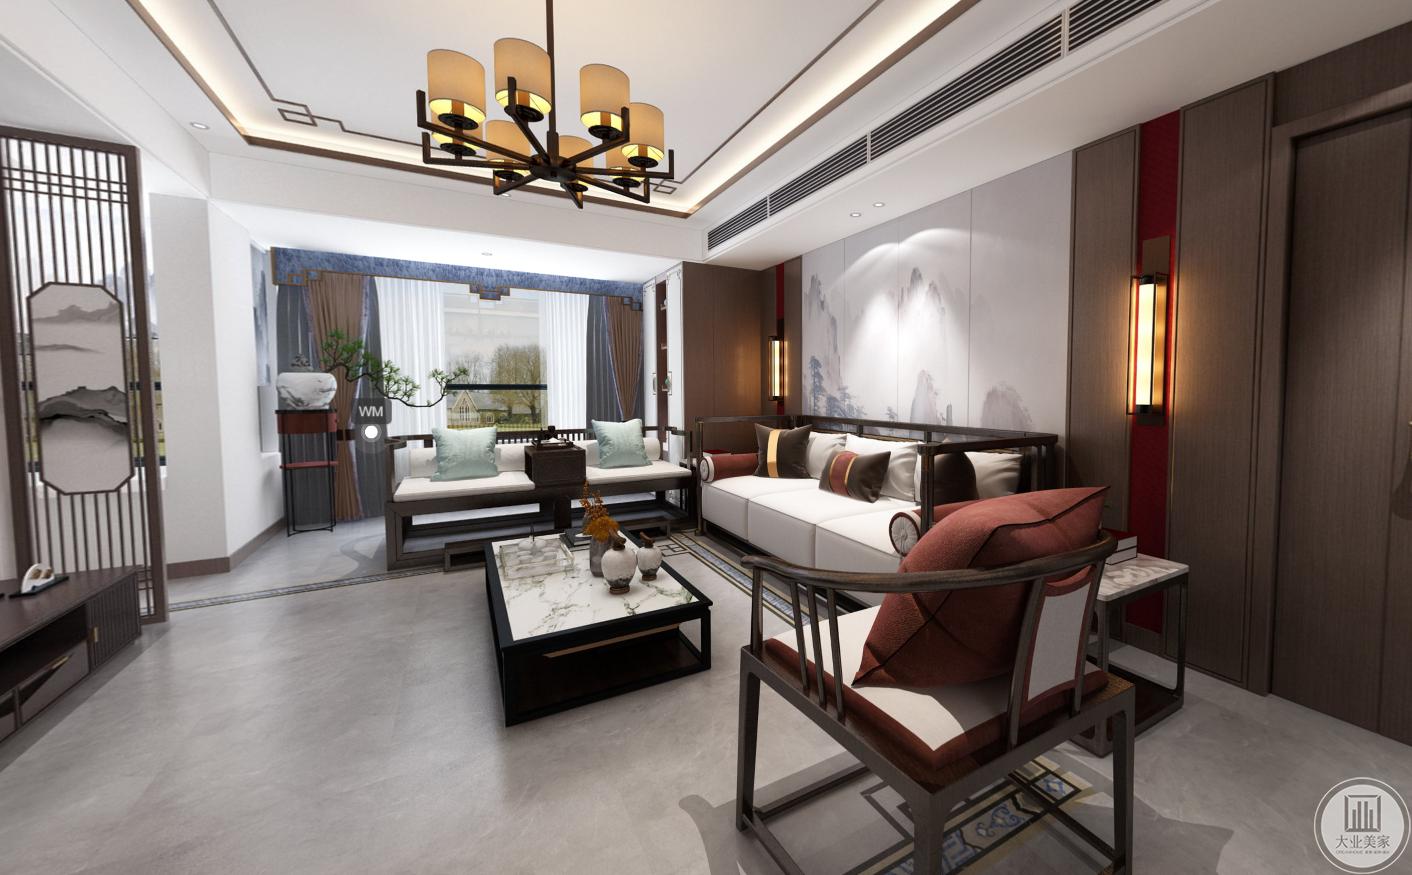 客厅采用盆景为整体增添韵味,沙发背景墙为一副浓淡相宜的水墨画,灯具和屏风采用中国传统元素,红色的沙发垫子为整体增添了一丝活力。